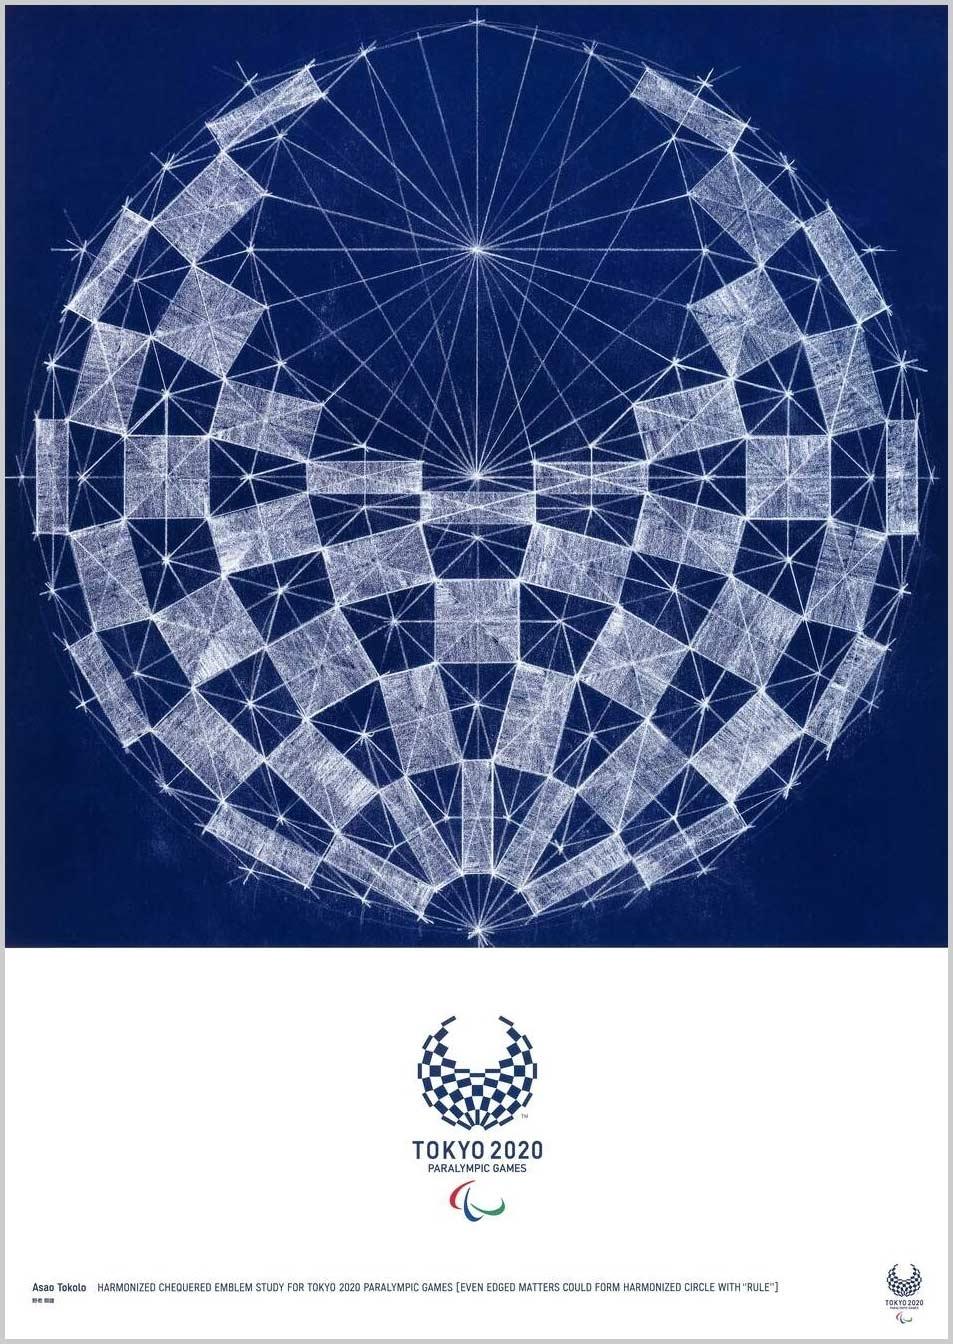 Asao Tokolo (Artista) Cartazes oficiais para os Jogos Olímpicos Tóquio 2020